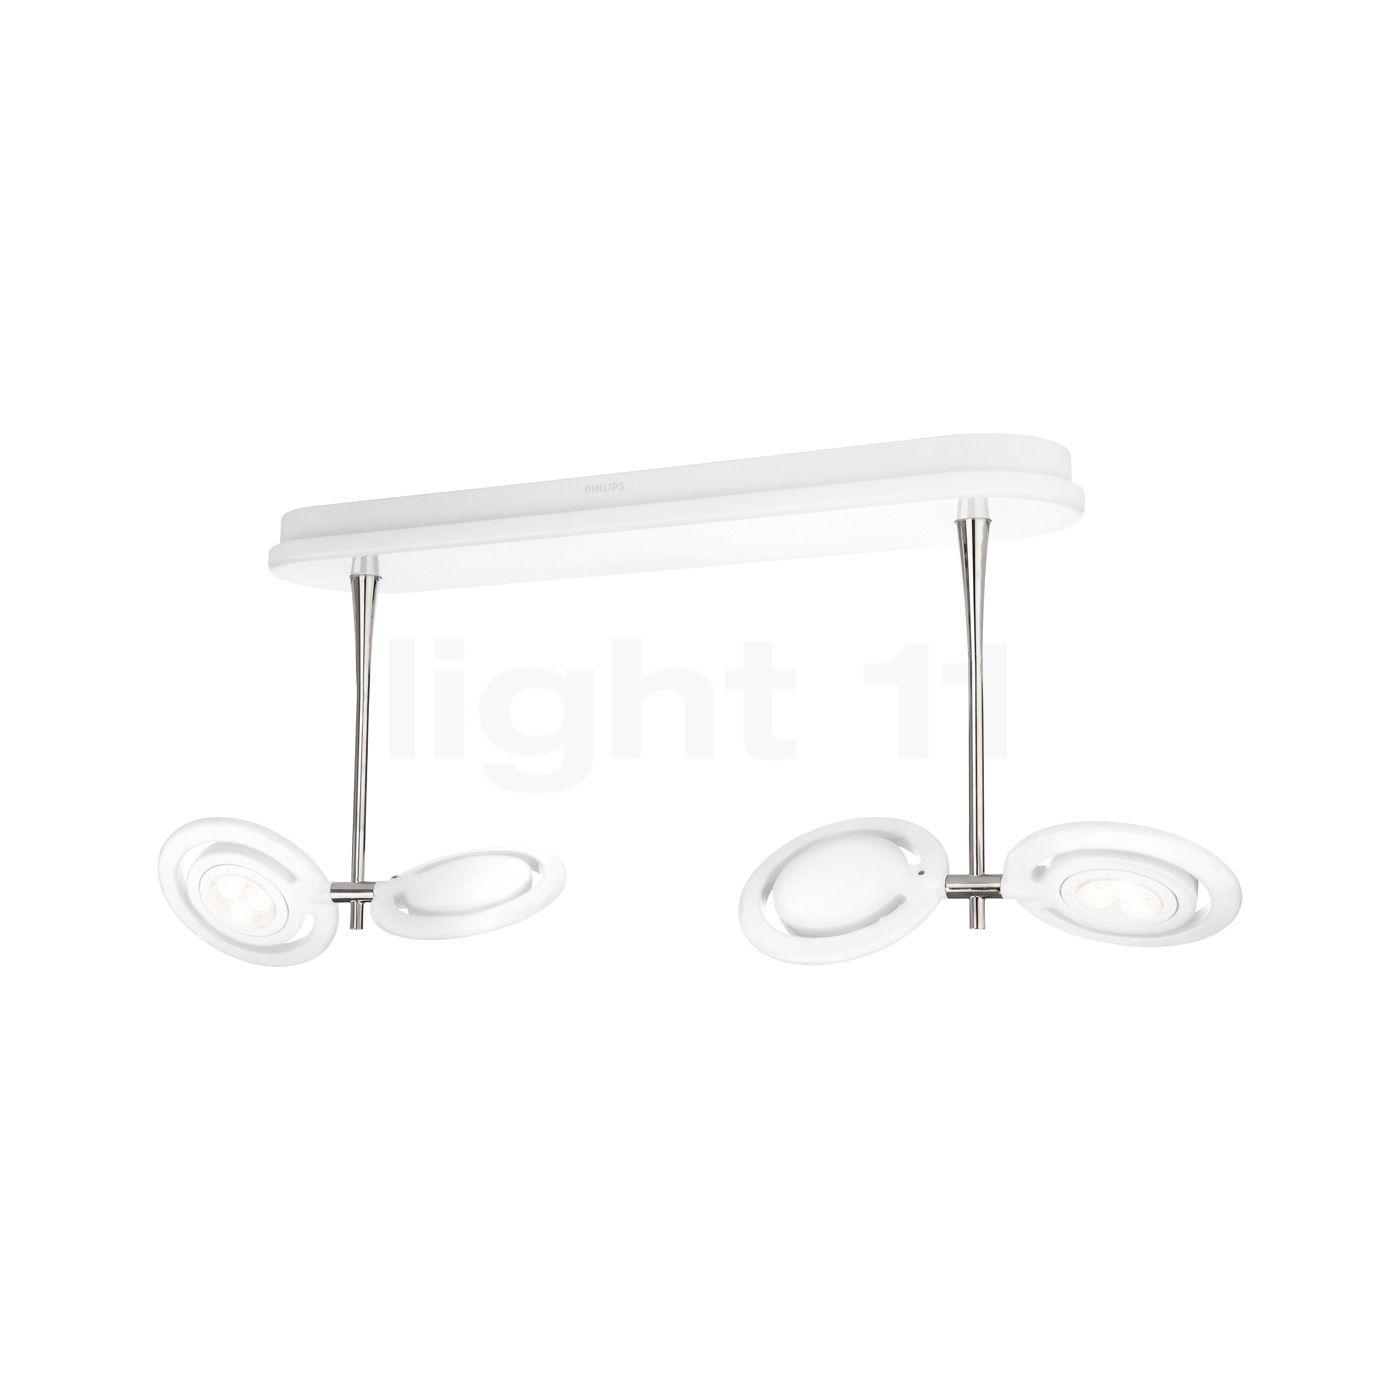 philips vaganza spot led 57916 deckenleuchte. Black Bedroom Furniture Sets. Home Design Ideas